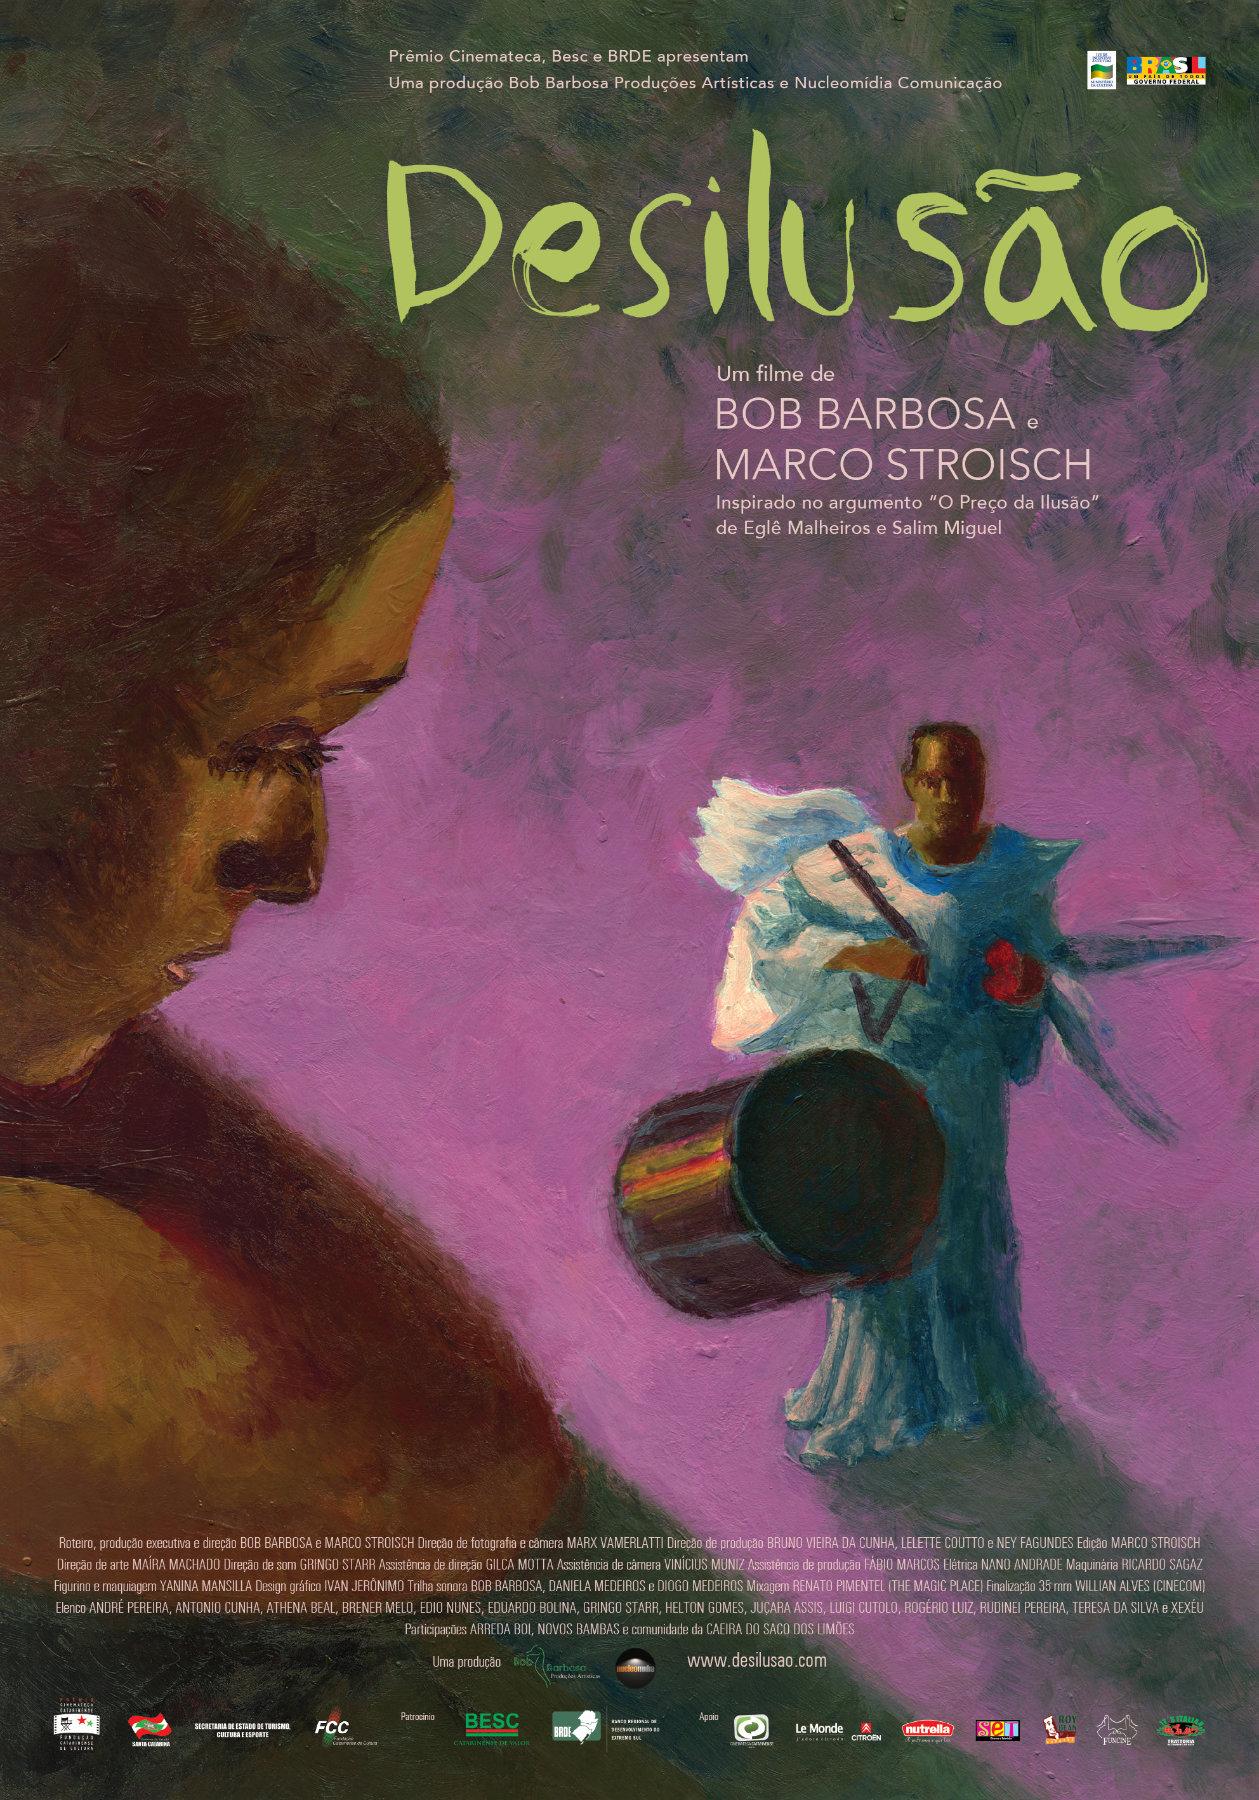 Cartaz do filme Desilusão com pintura mostrando uma moça na janela olhando para um homem com fantasia de carnaval e um bumbo